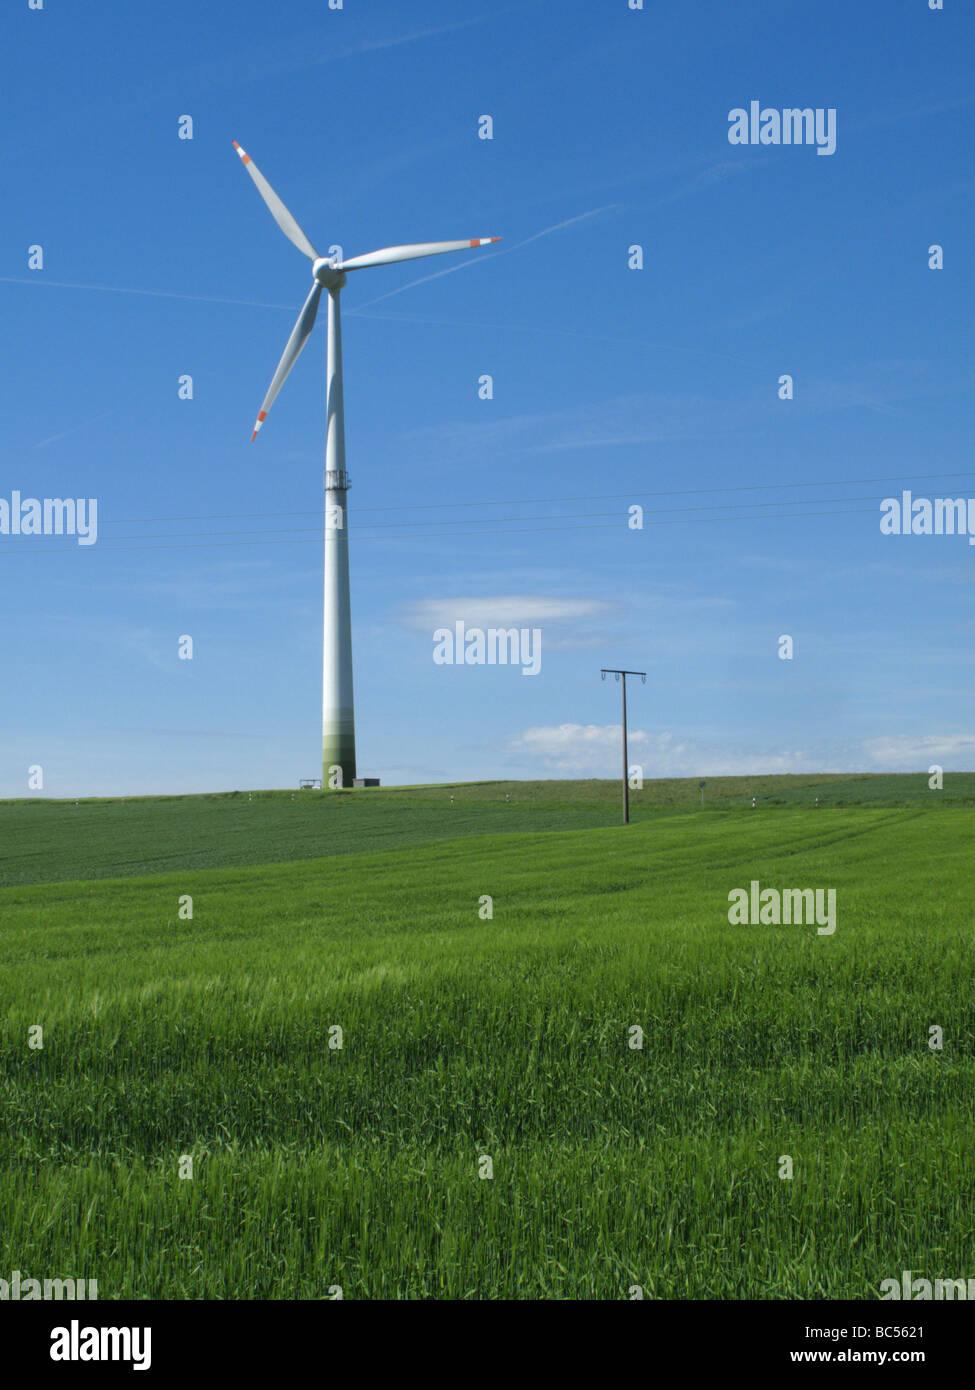 Windenergieanlage und ein grünes Feld in Bayern, Deutschland Stockbild